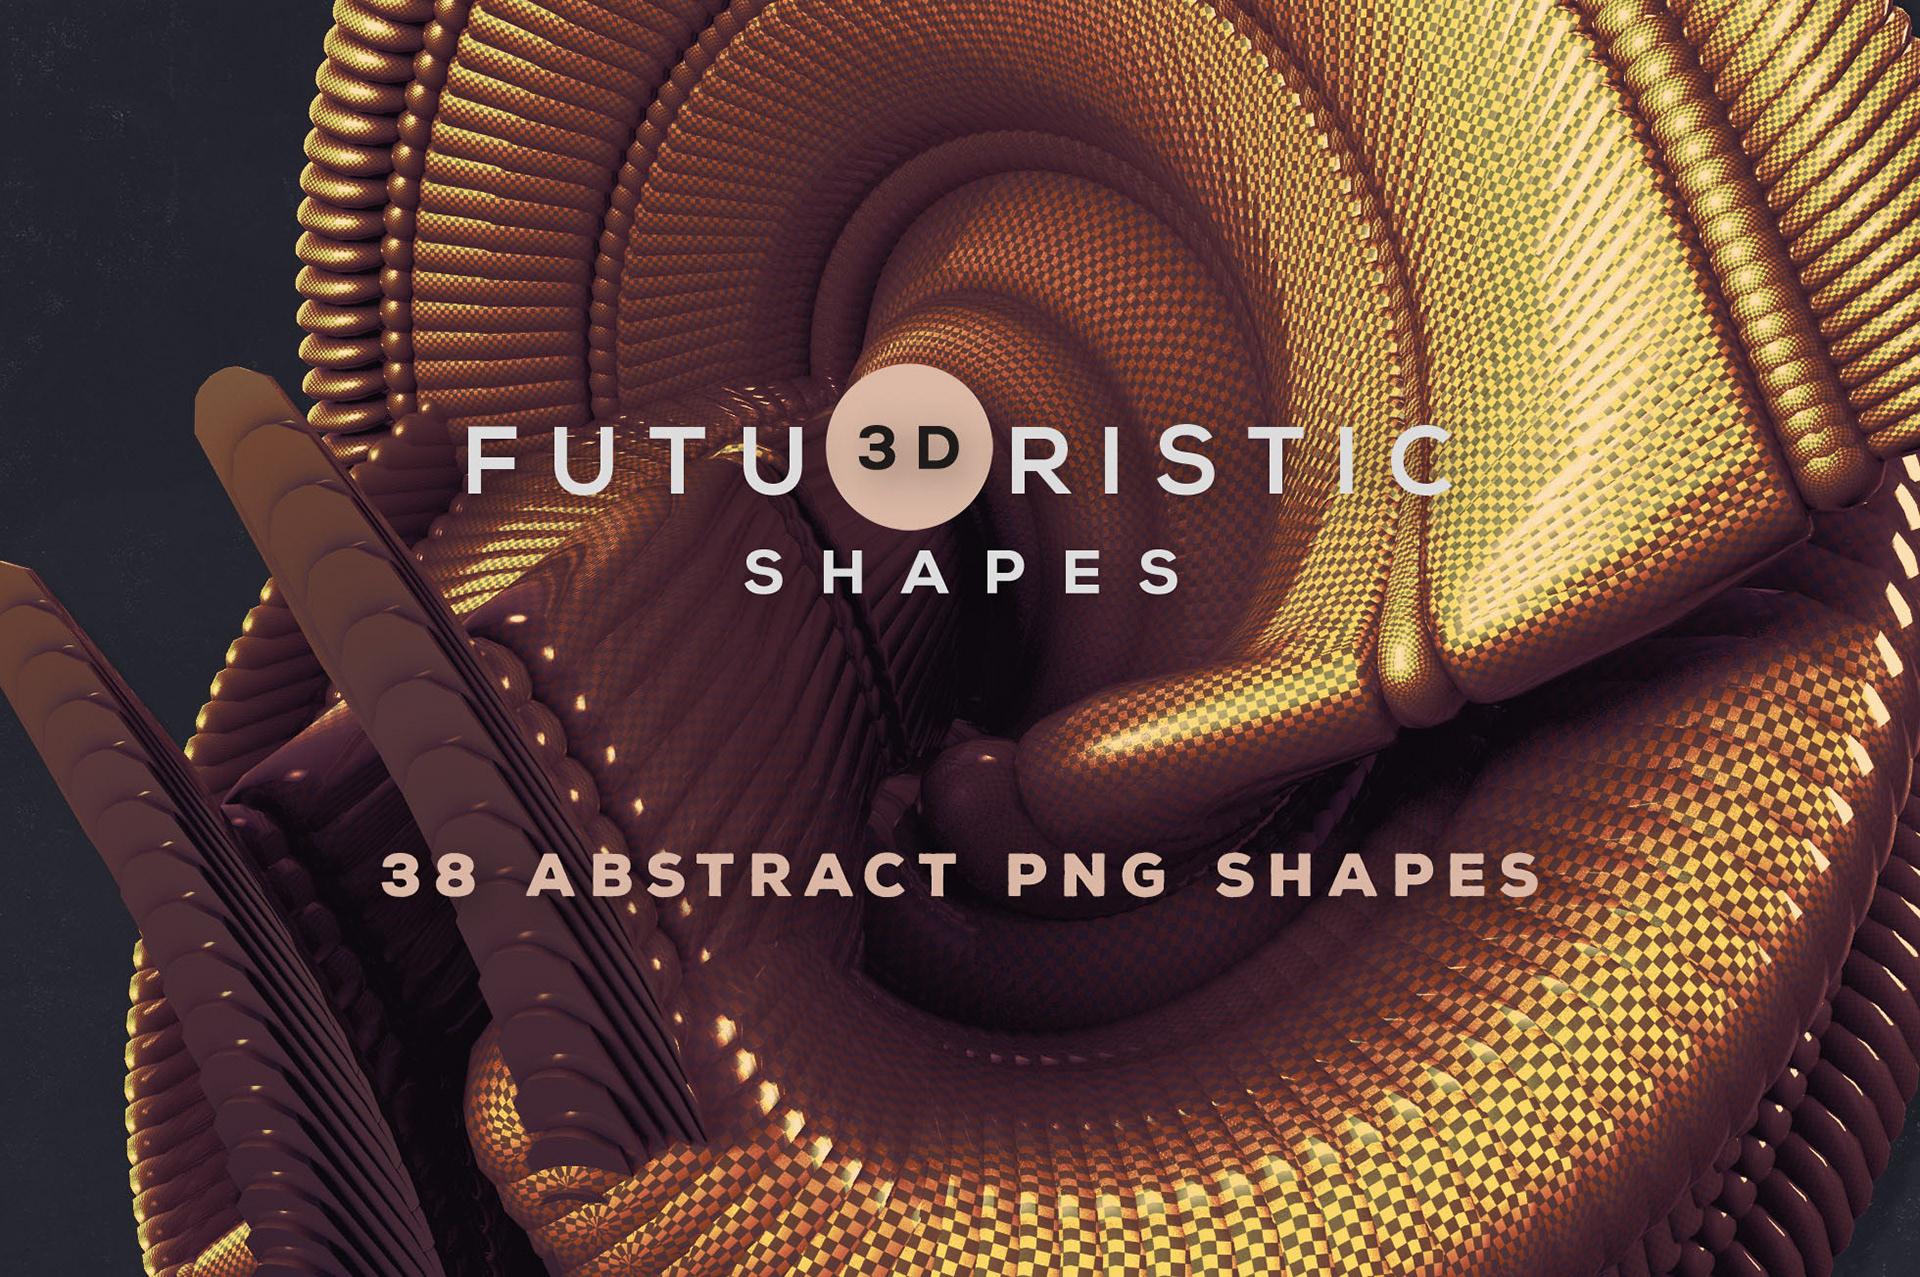 38个创意抽象3D科幻金属图形纹理素材 3D Abstract Shapes 16插图